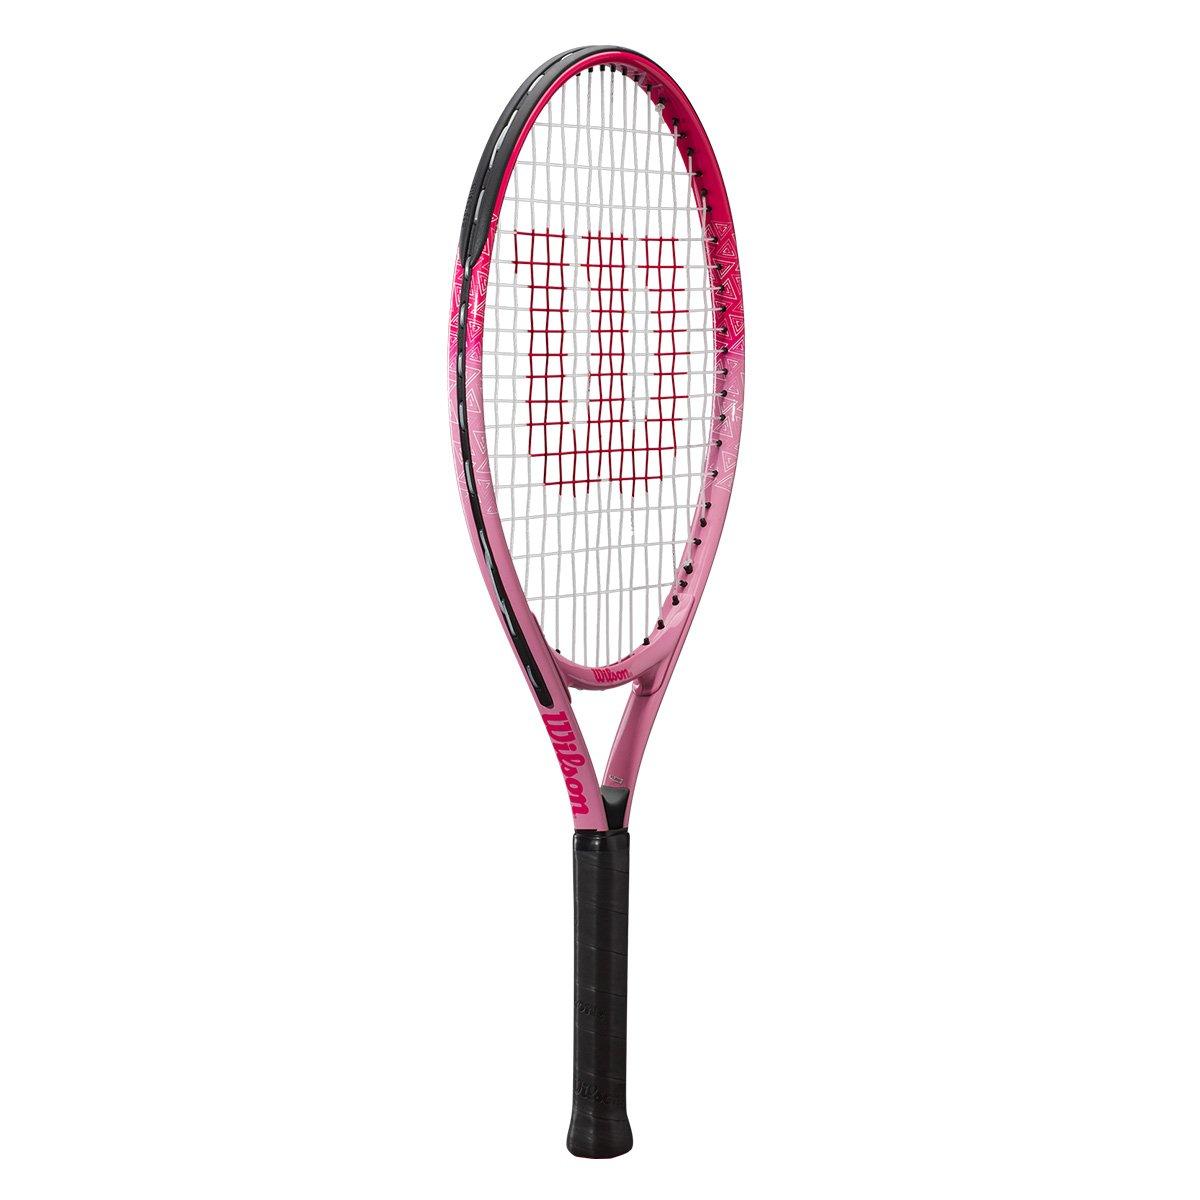 Raquete de Tênis Infantil Wilson Burn Pink II 23  - PROTENISTA